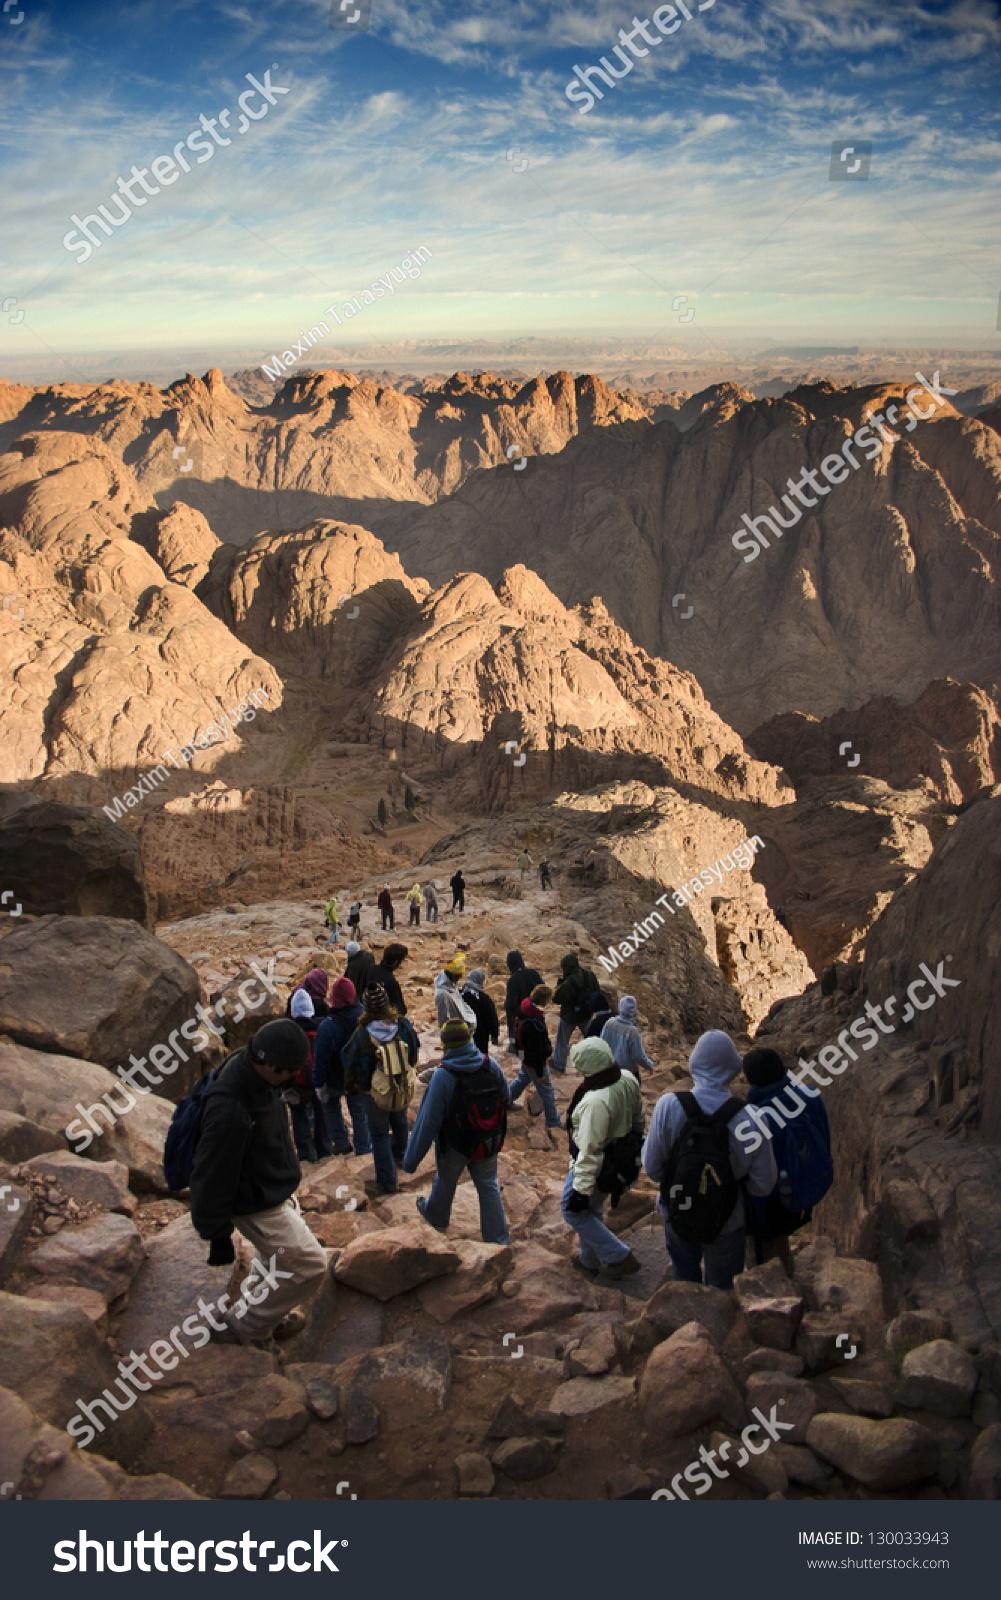 Climbing Mount Sinai Egypt Stock Photo Edit Now 130033943